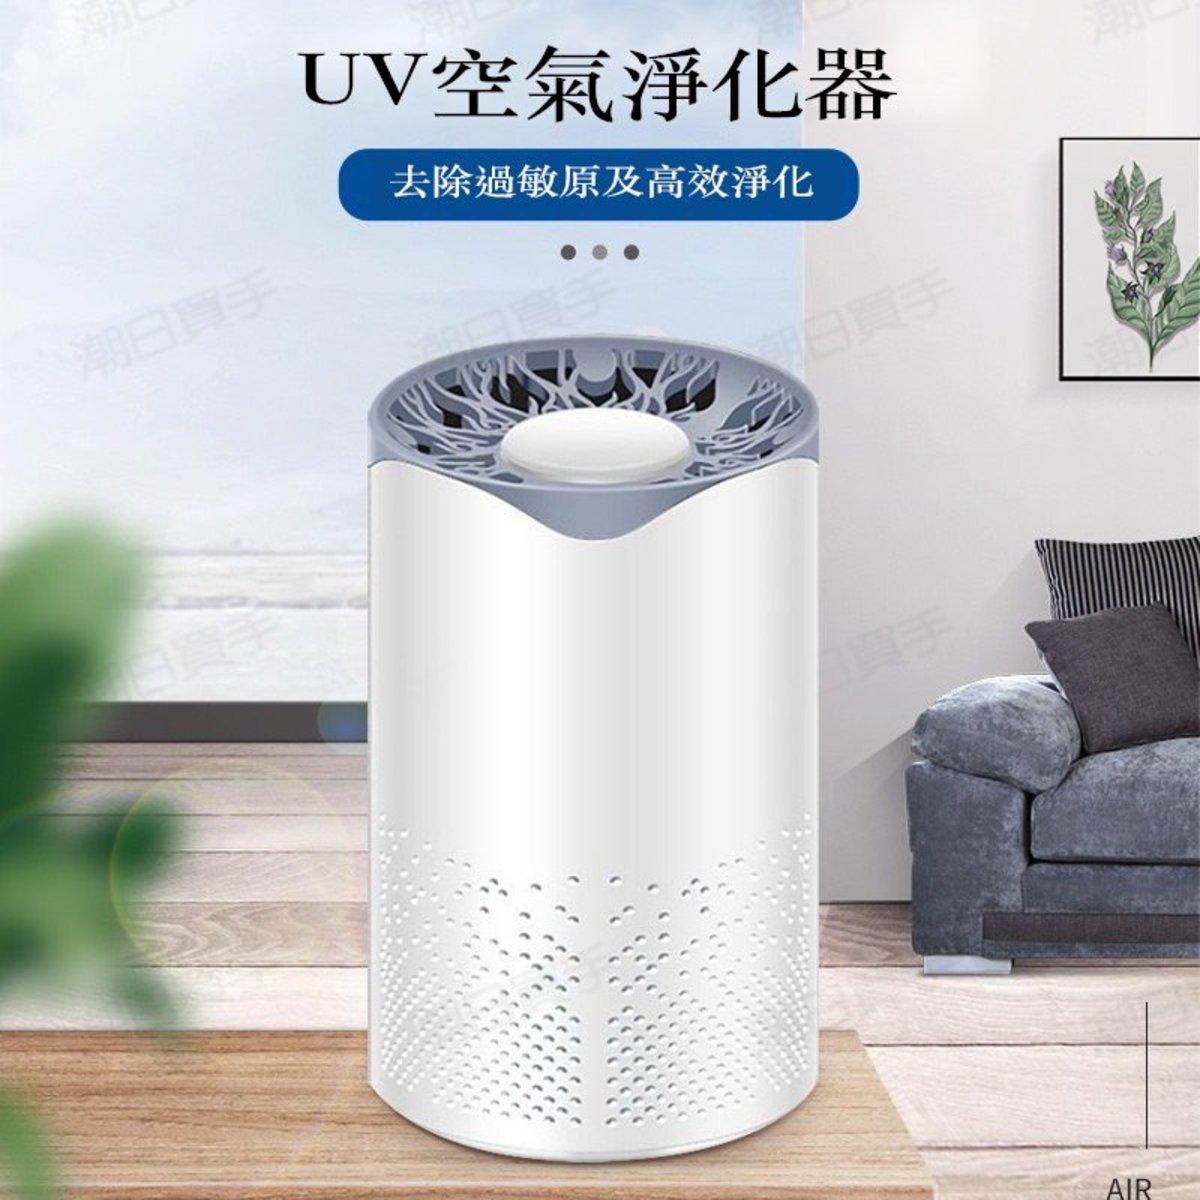 Home/Vehicle-Air-Purifier - White